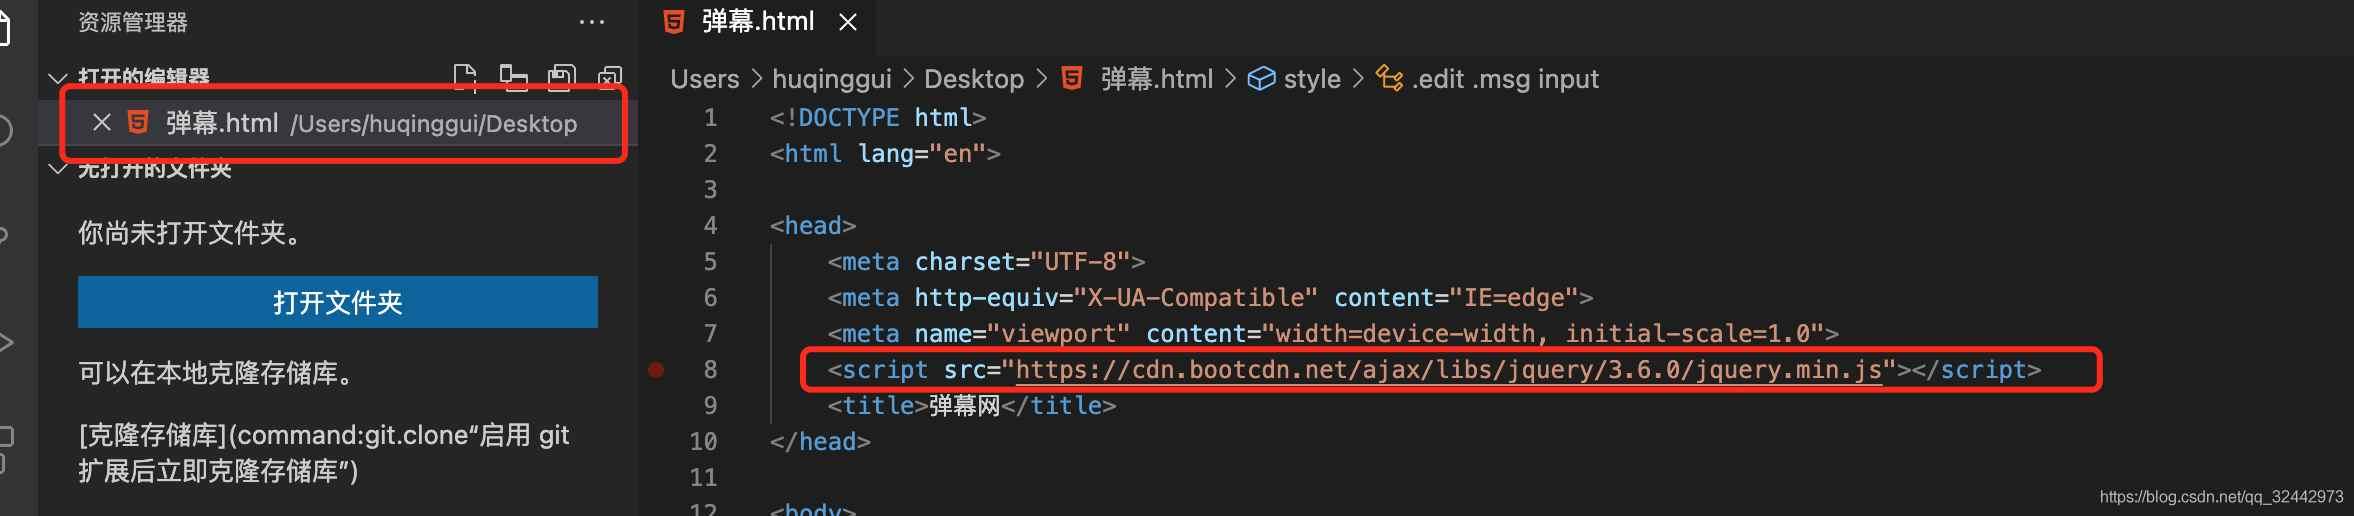 新建一个html文件